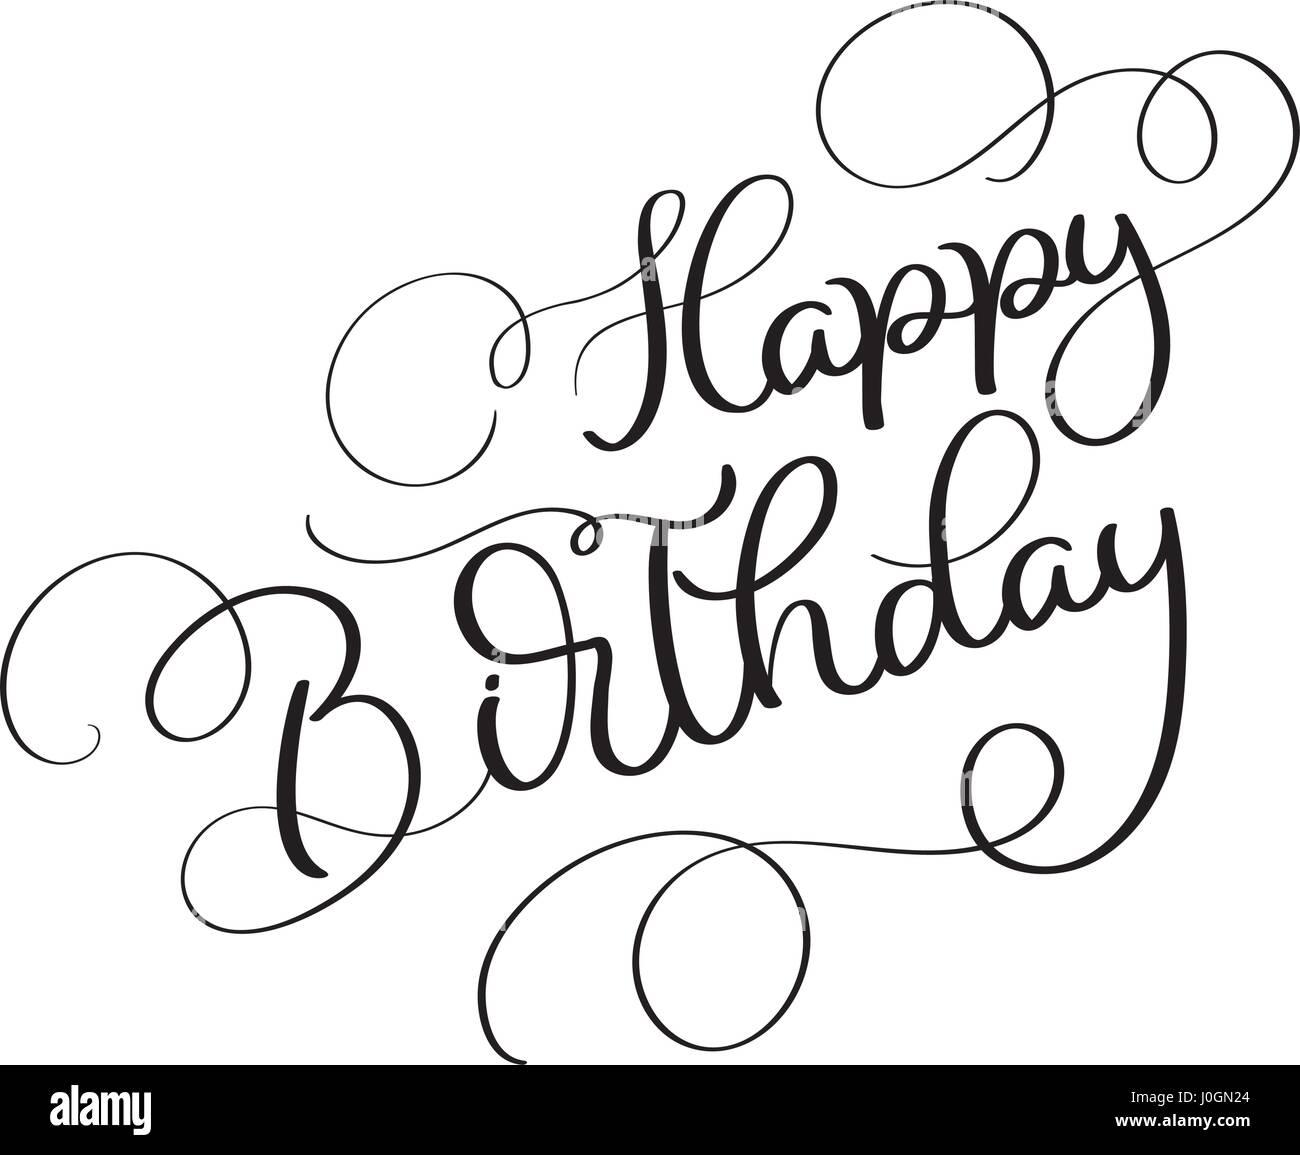 Happy Birthday Vektor Vintage Text Auf Weissem Hintergrund Kalligraphie Schrift Illustration EPS10